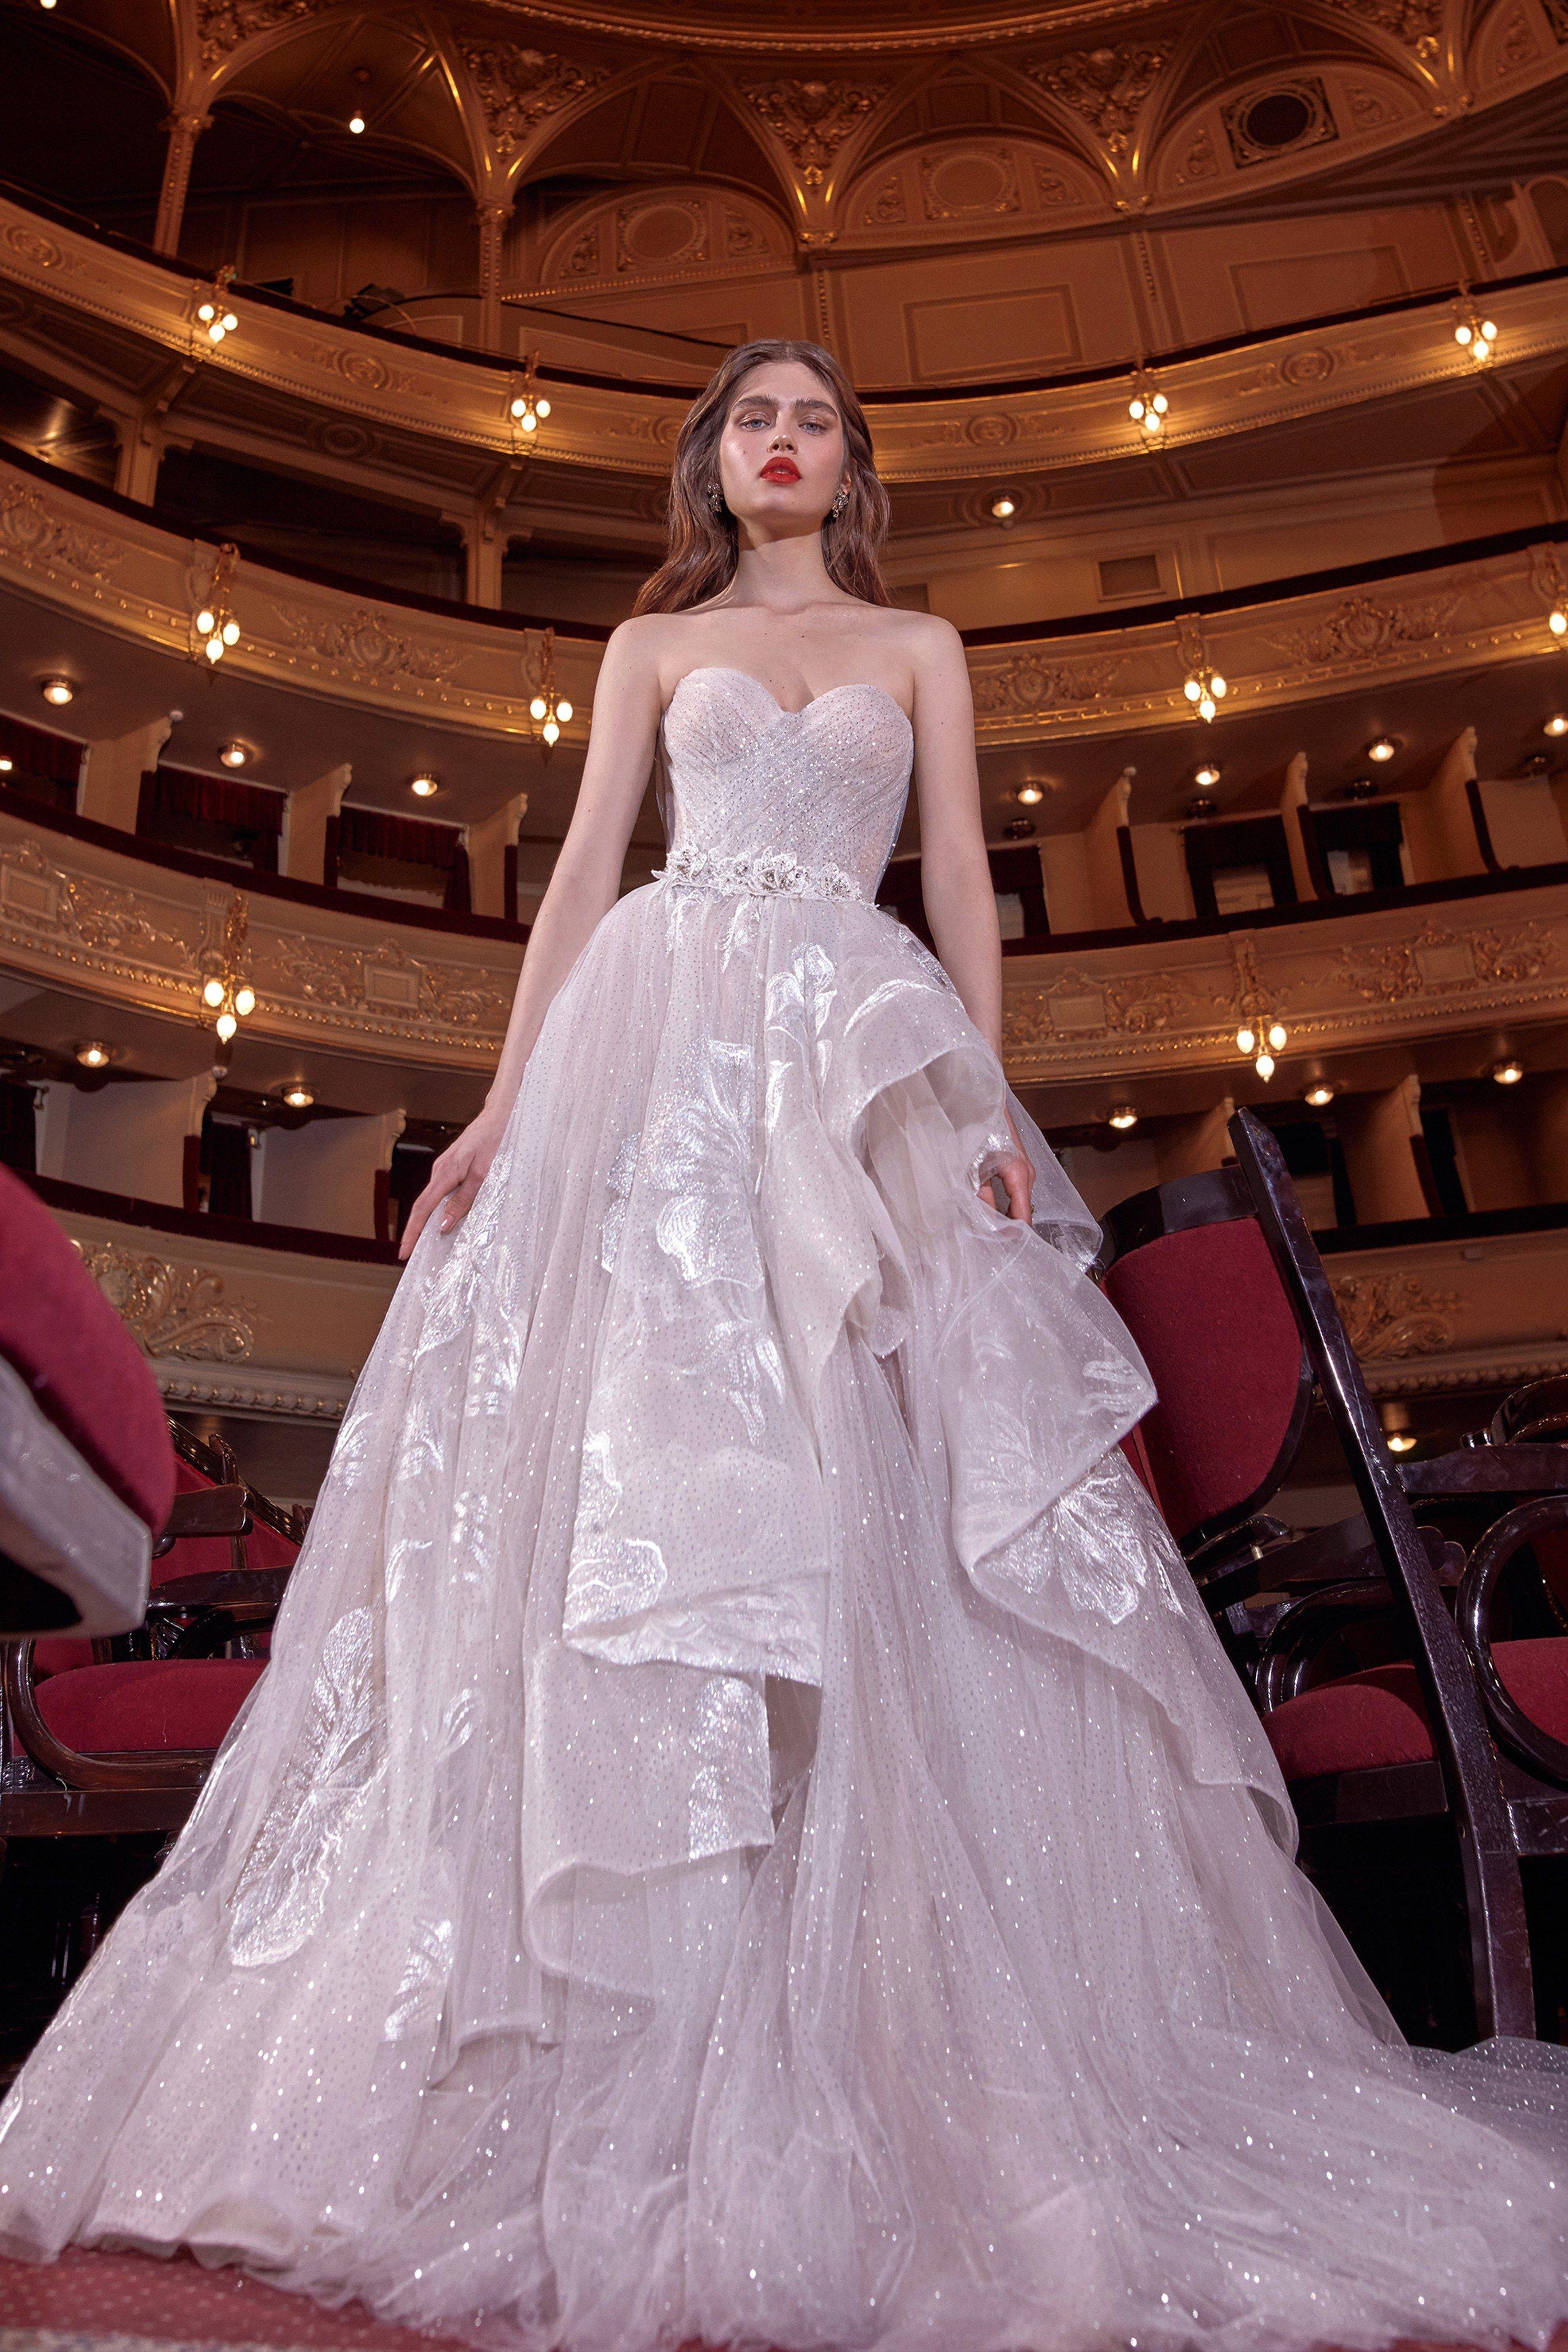 Galia lahav bridal spring 2020 fashion show in 2020